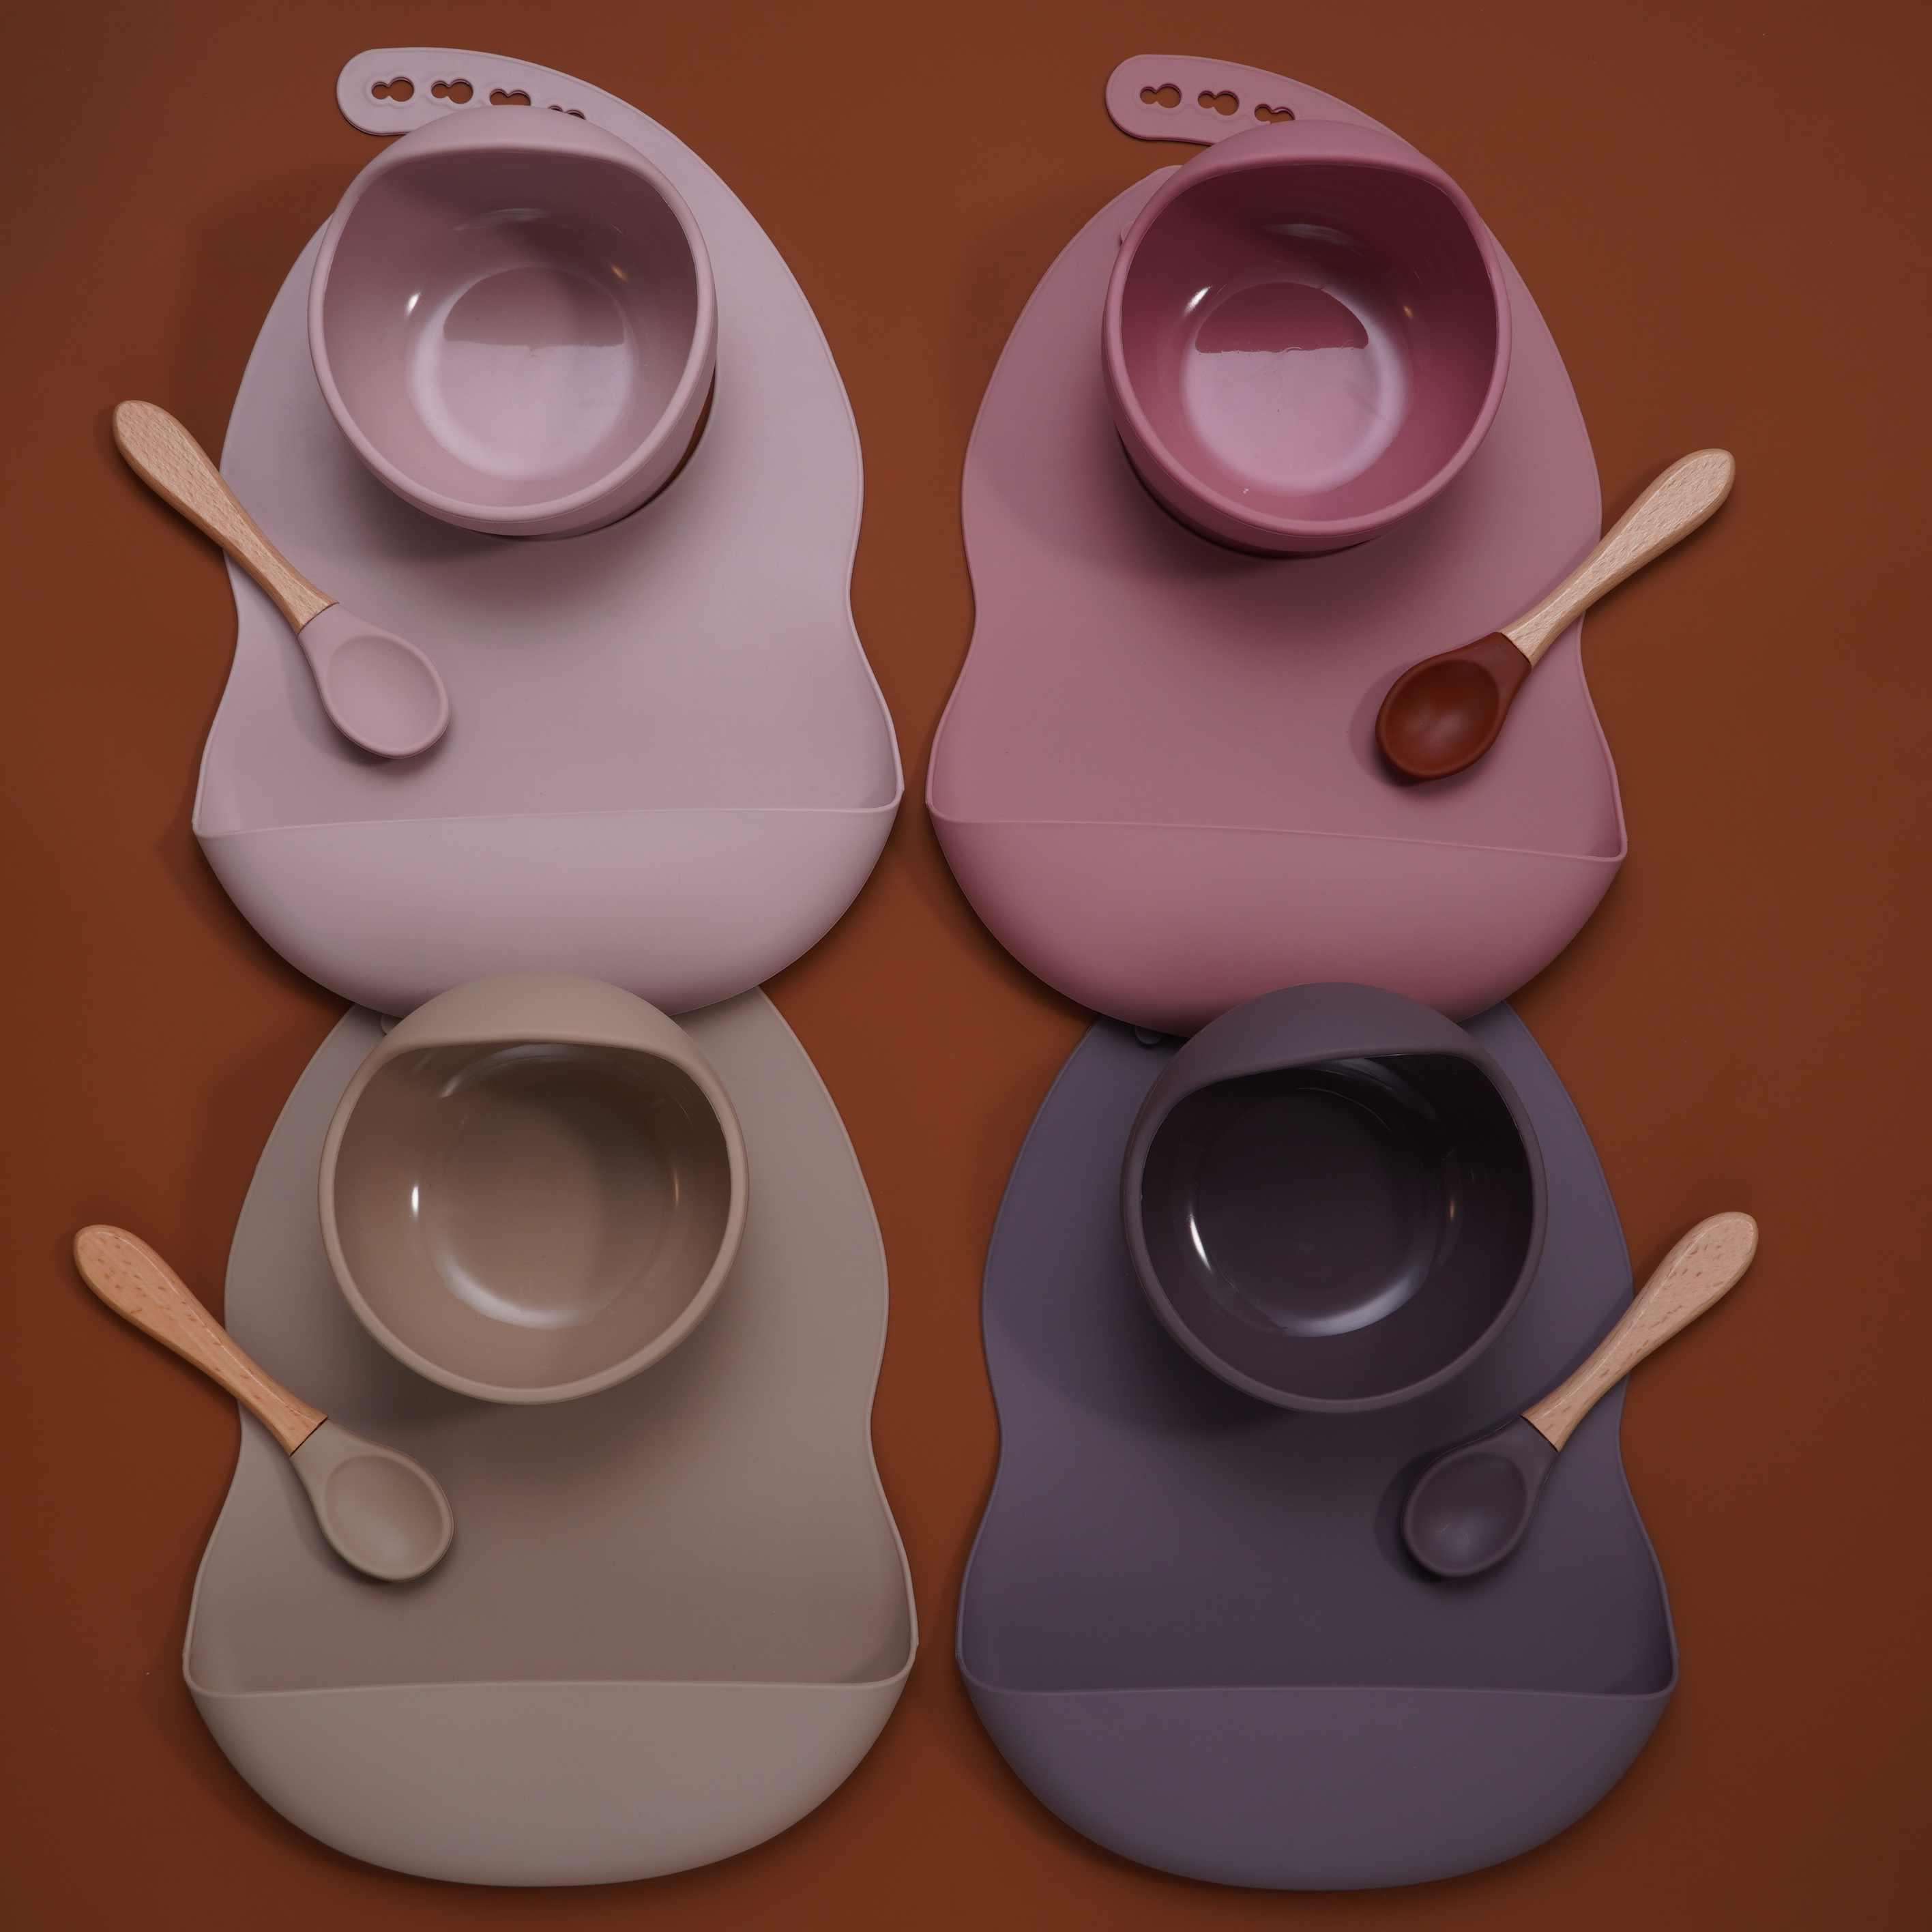 resistente a los derrames con tapa vajilla ecol/ógica para beb/és y ni/ños peque/ños Sheuiossry Cuenco de silicona sin BPA con ventosa para beb/é